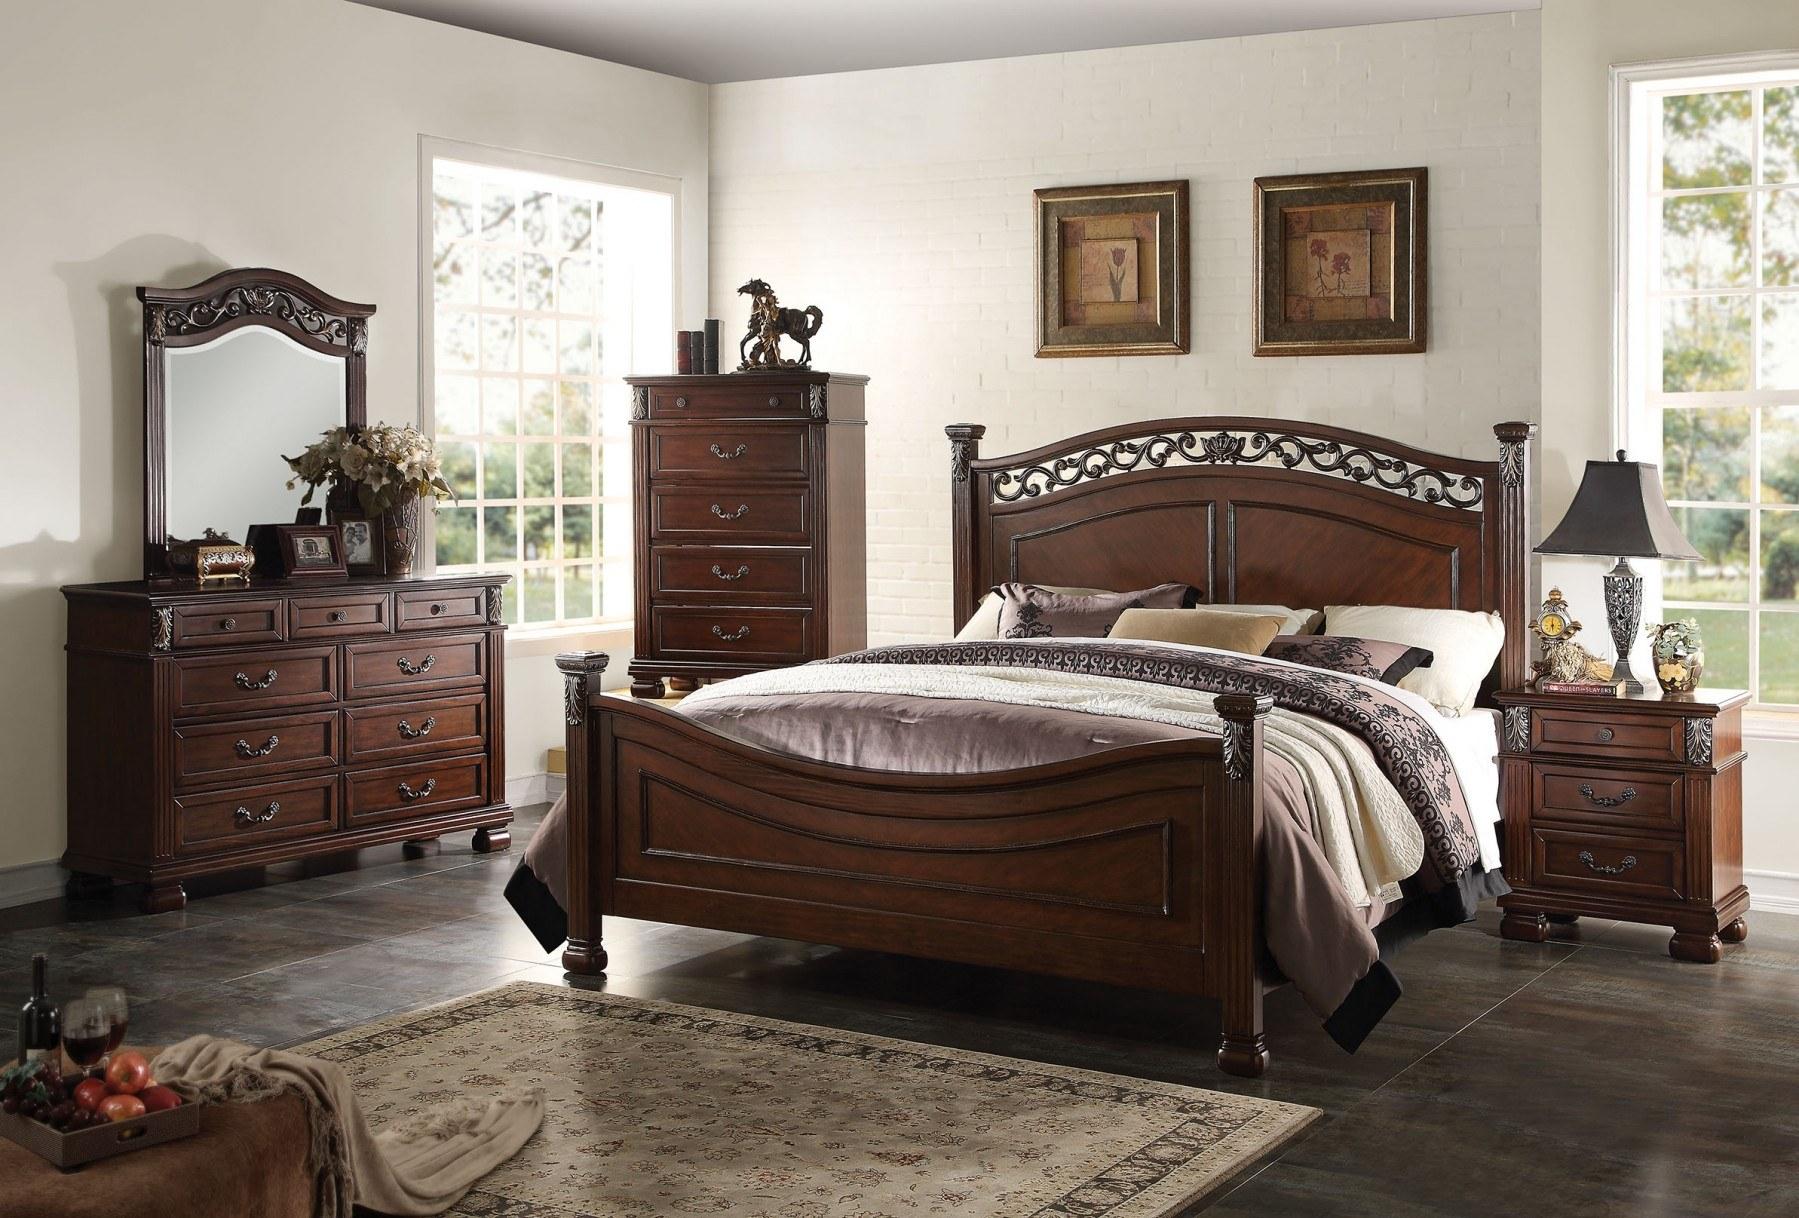 giường ngủ cổ điểnbằng gỗ tự nhiên